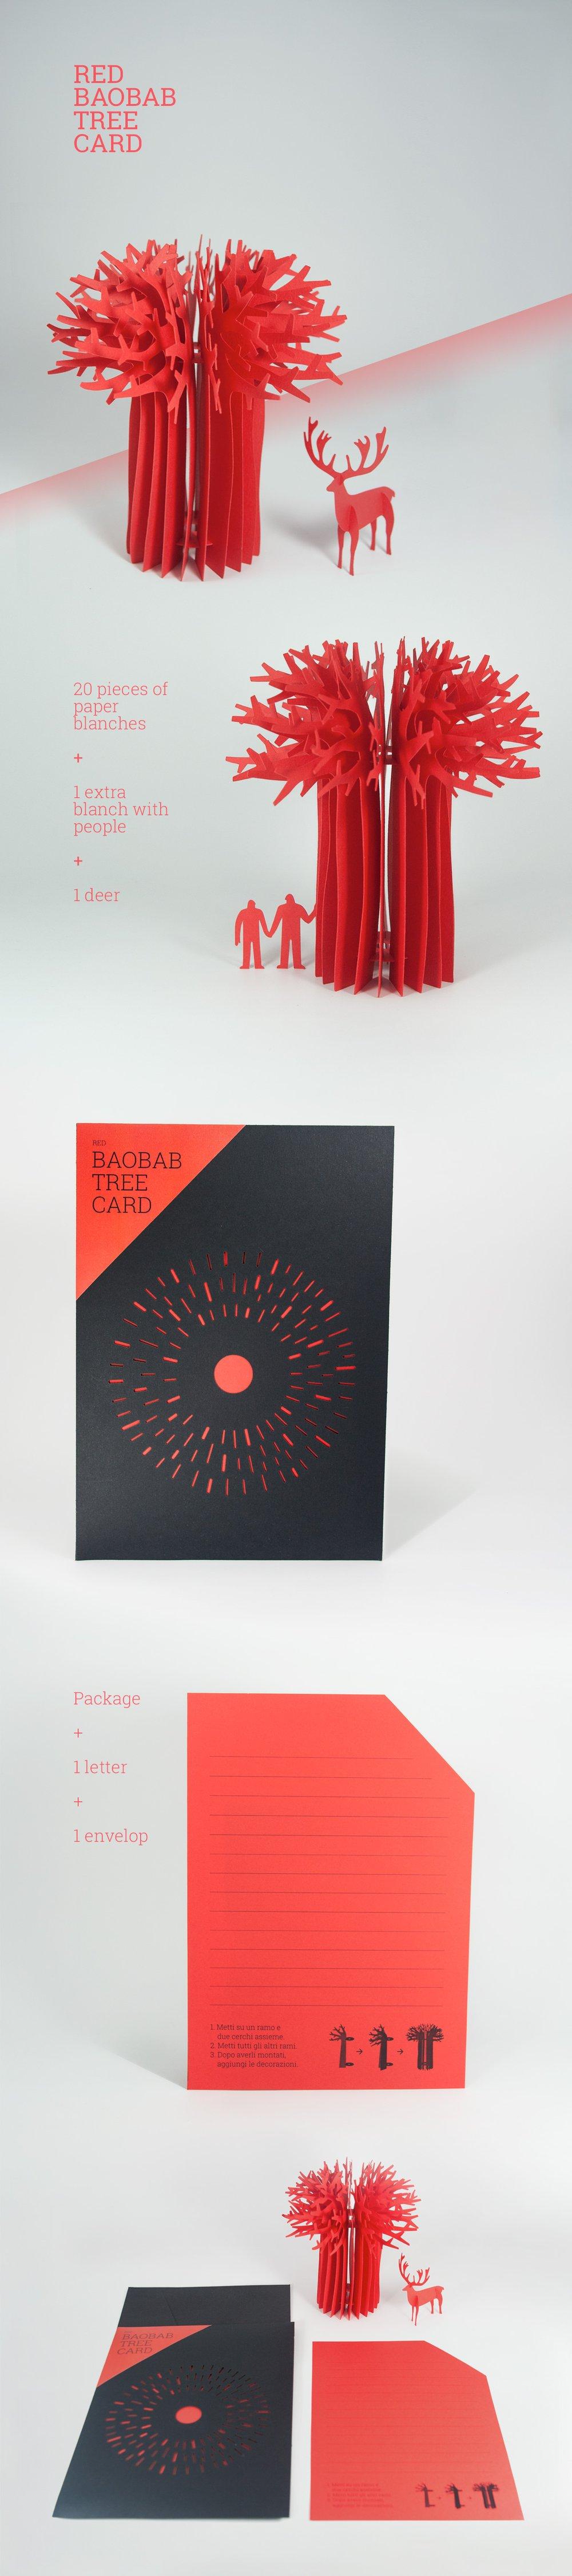 Image of Baobab tree card_Red